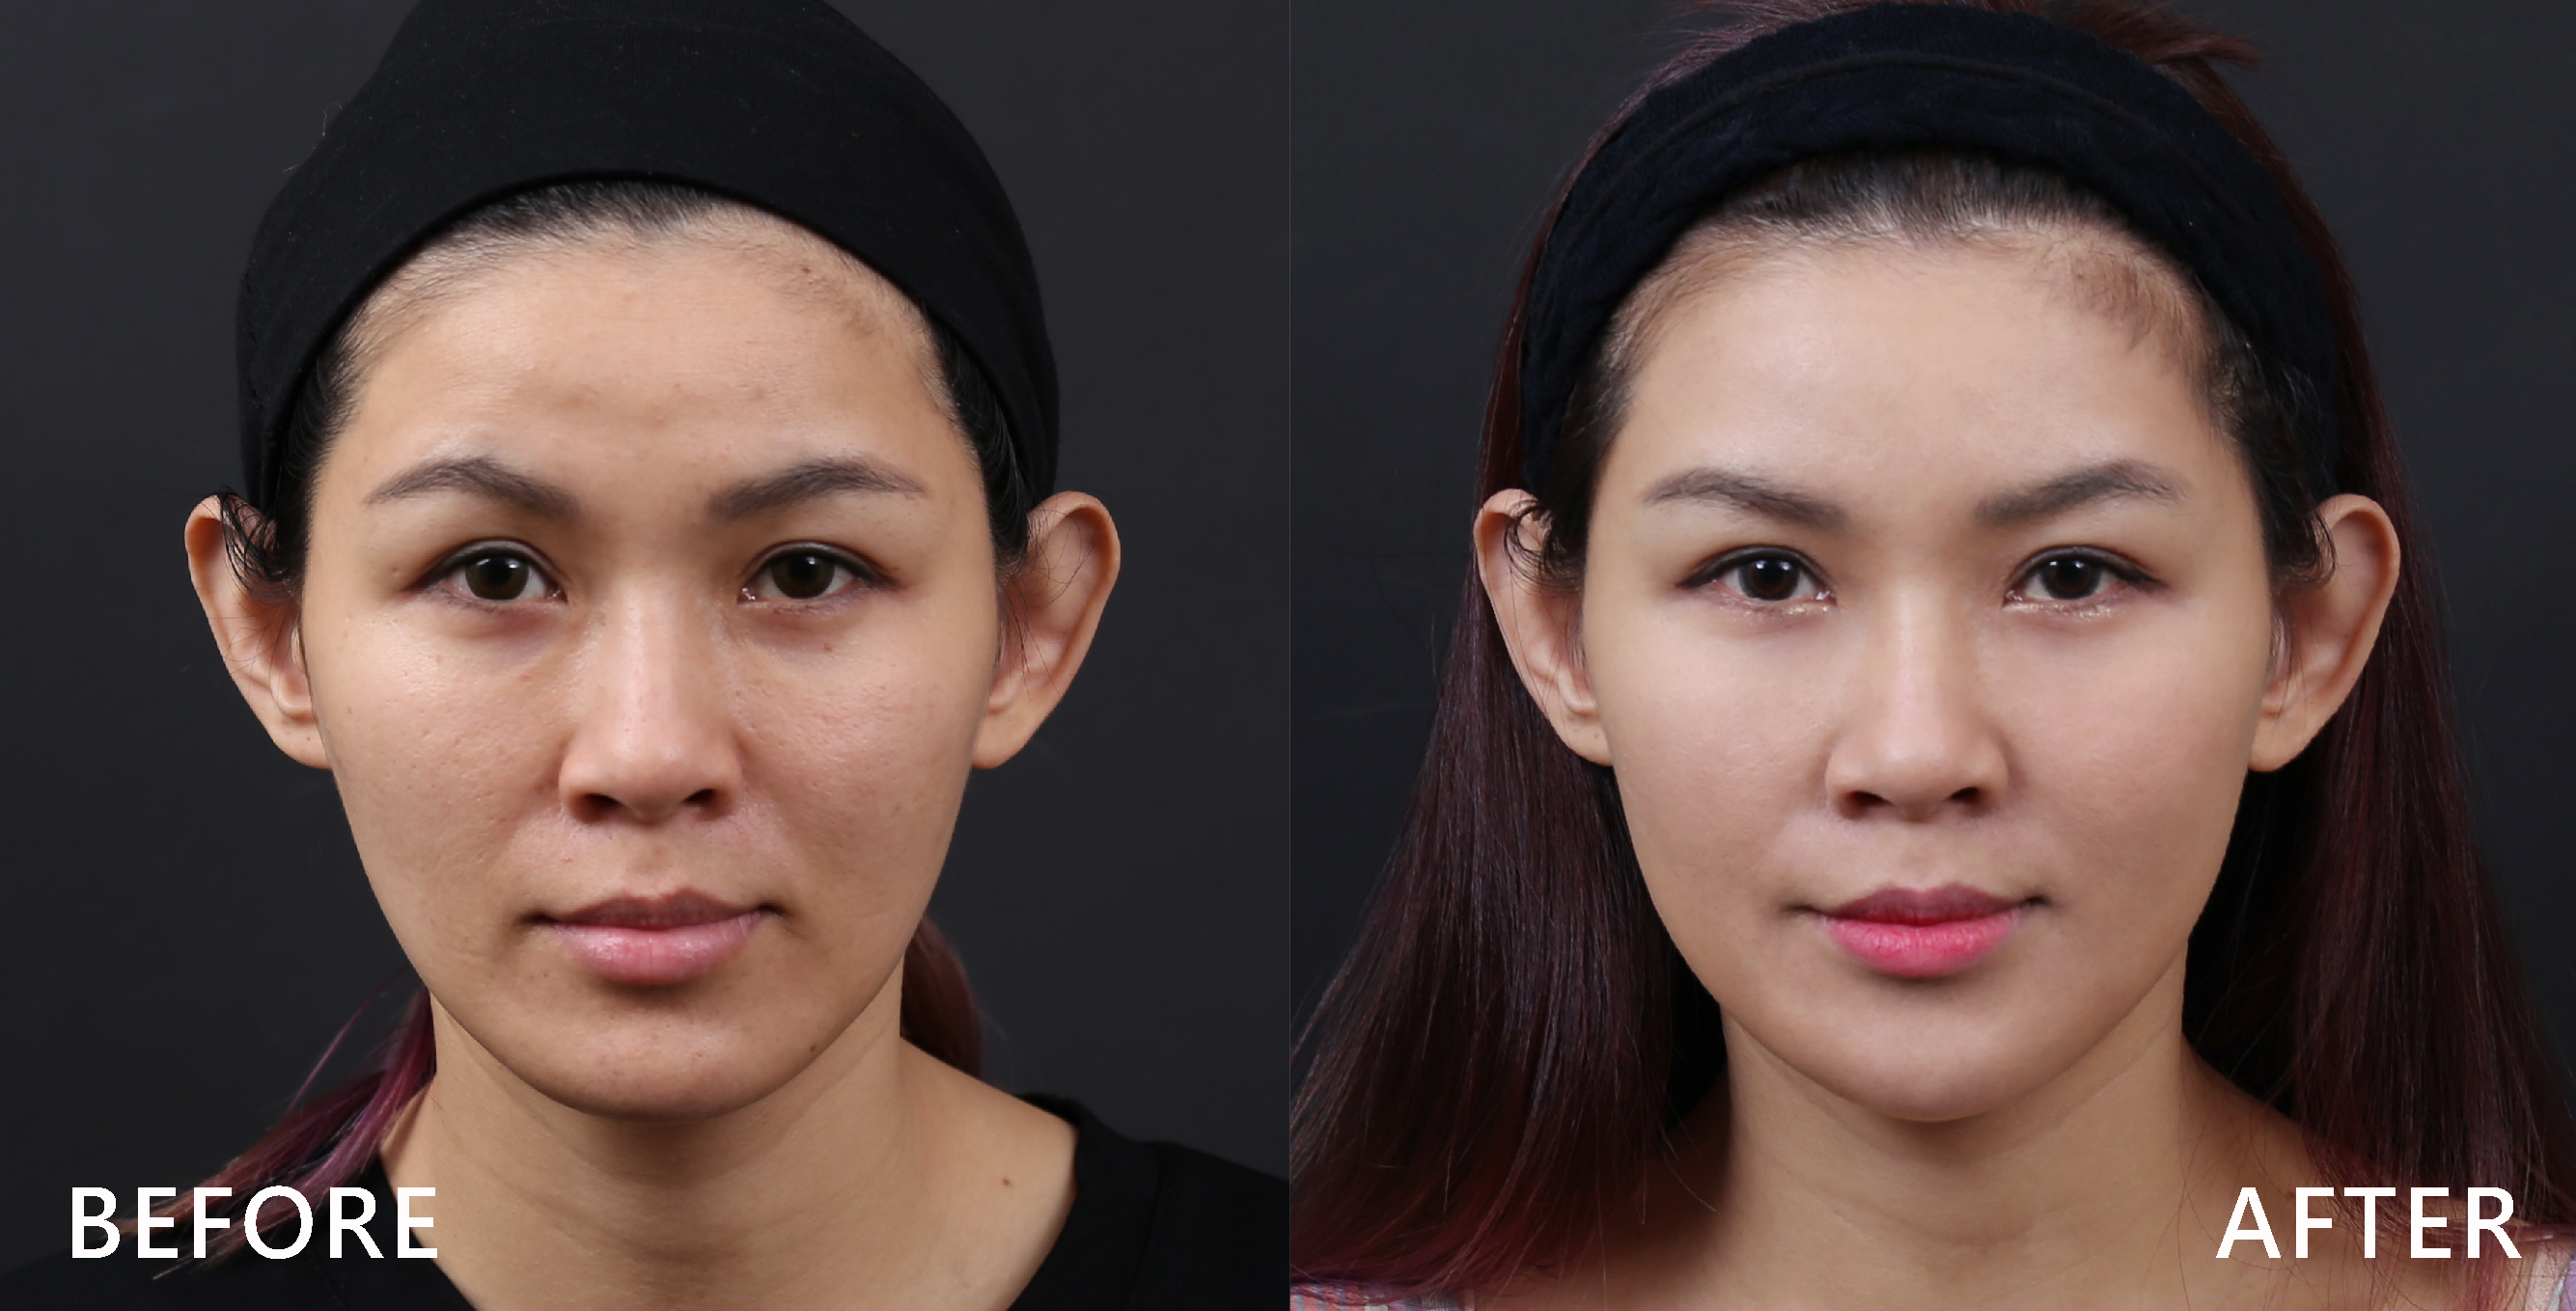 施打完除皺瘦臉針後,修飾臉型,下巴出來了。(本療程施打效果因人而異)